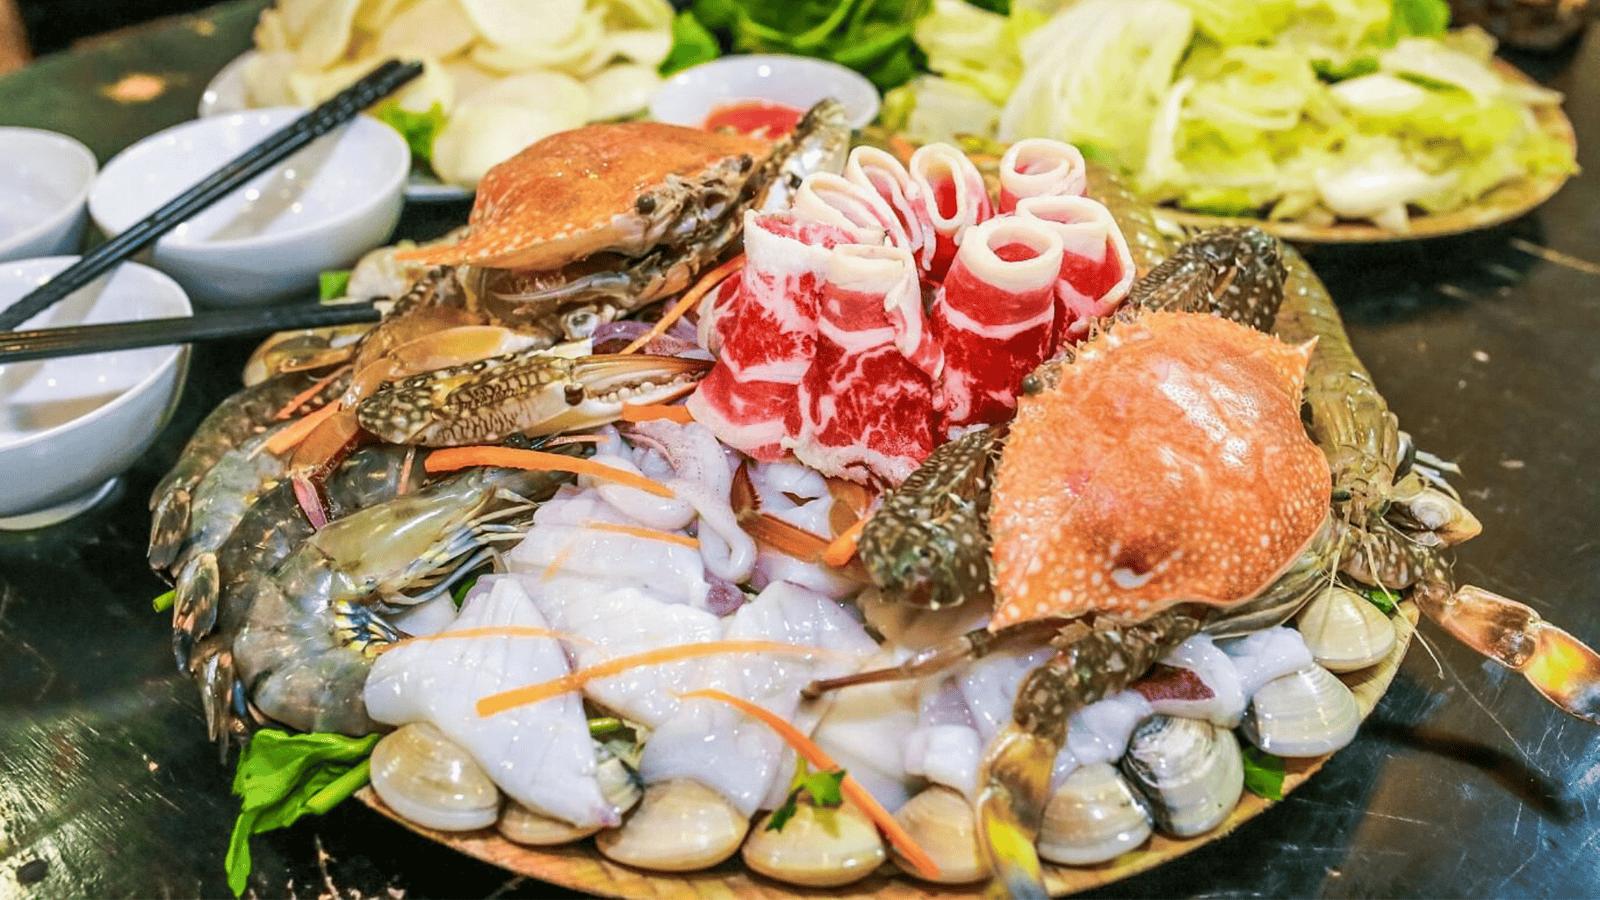 Hải sản là món chính được các nhà hàng tại đây phục vụ